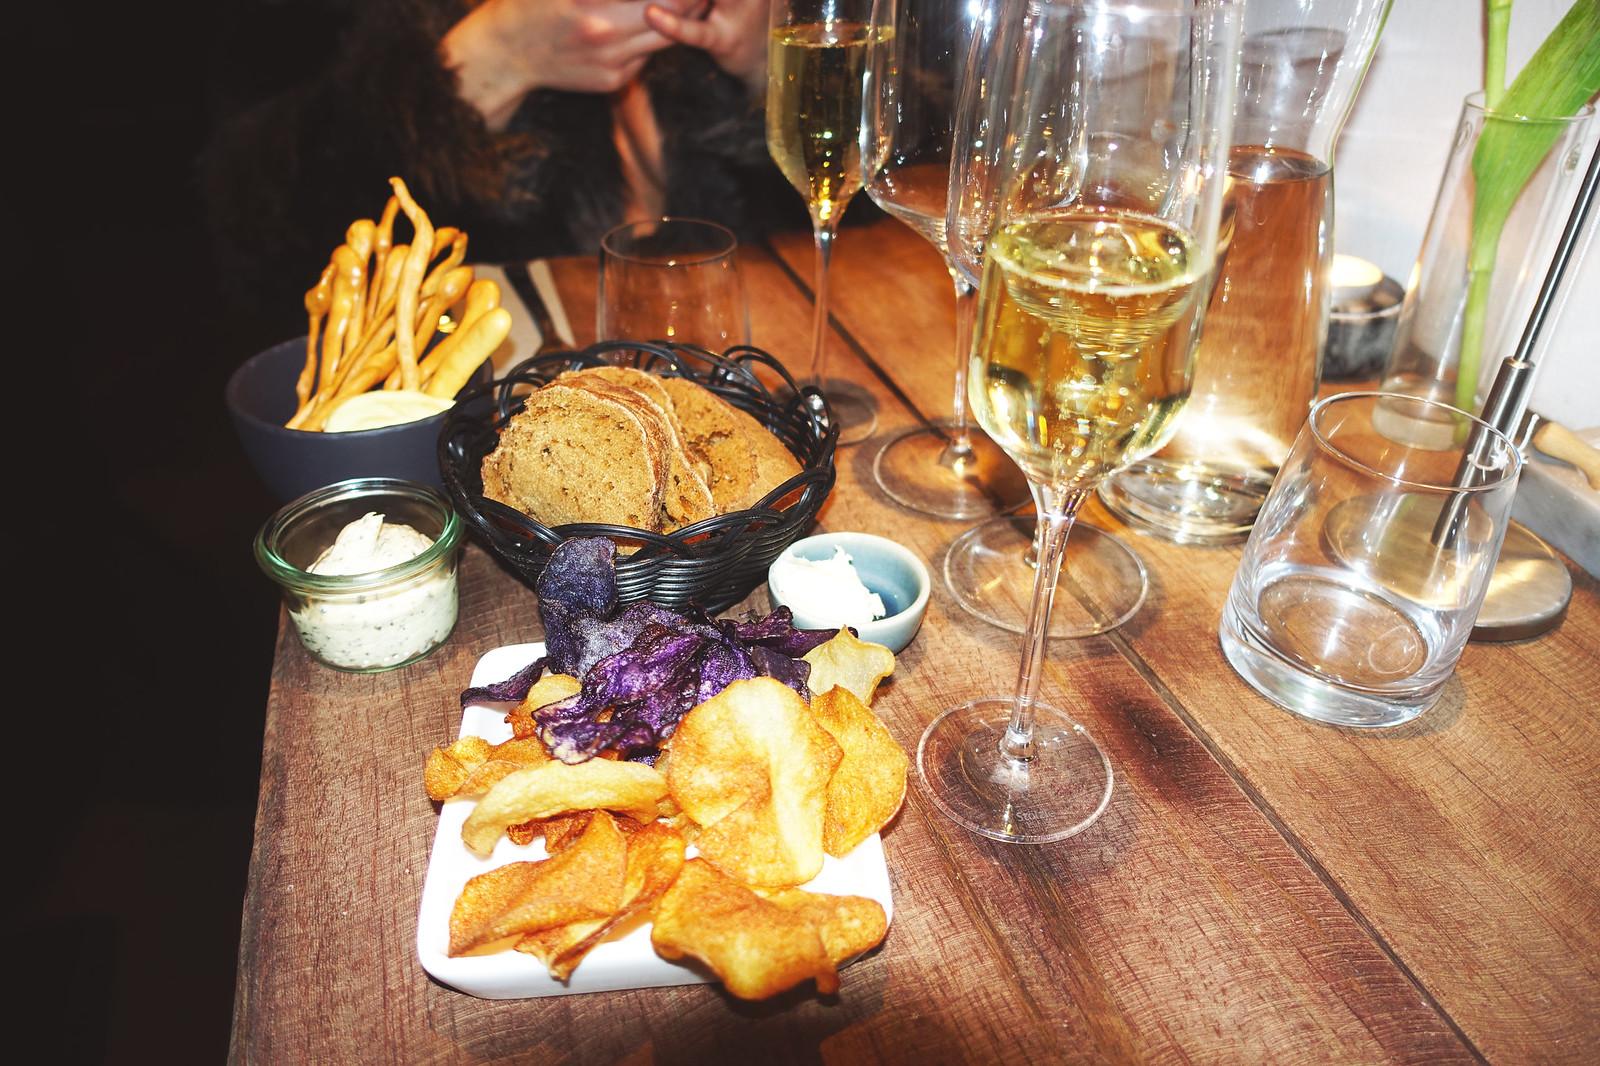 Restaurant bøf where to eat copenhagen 5